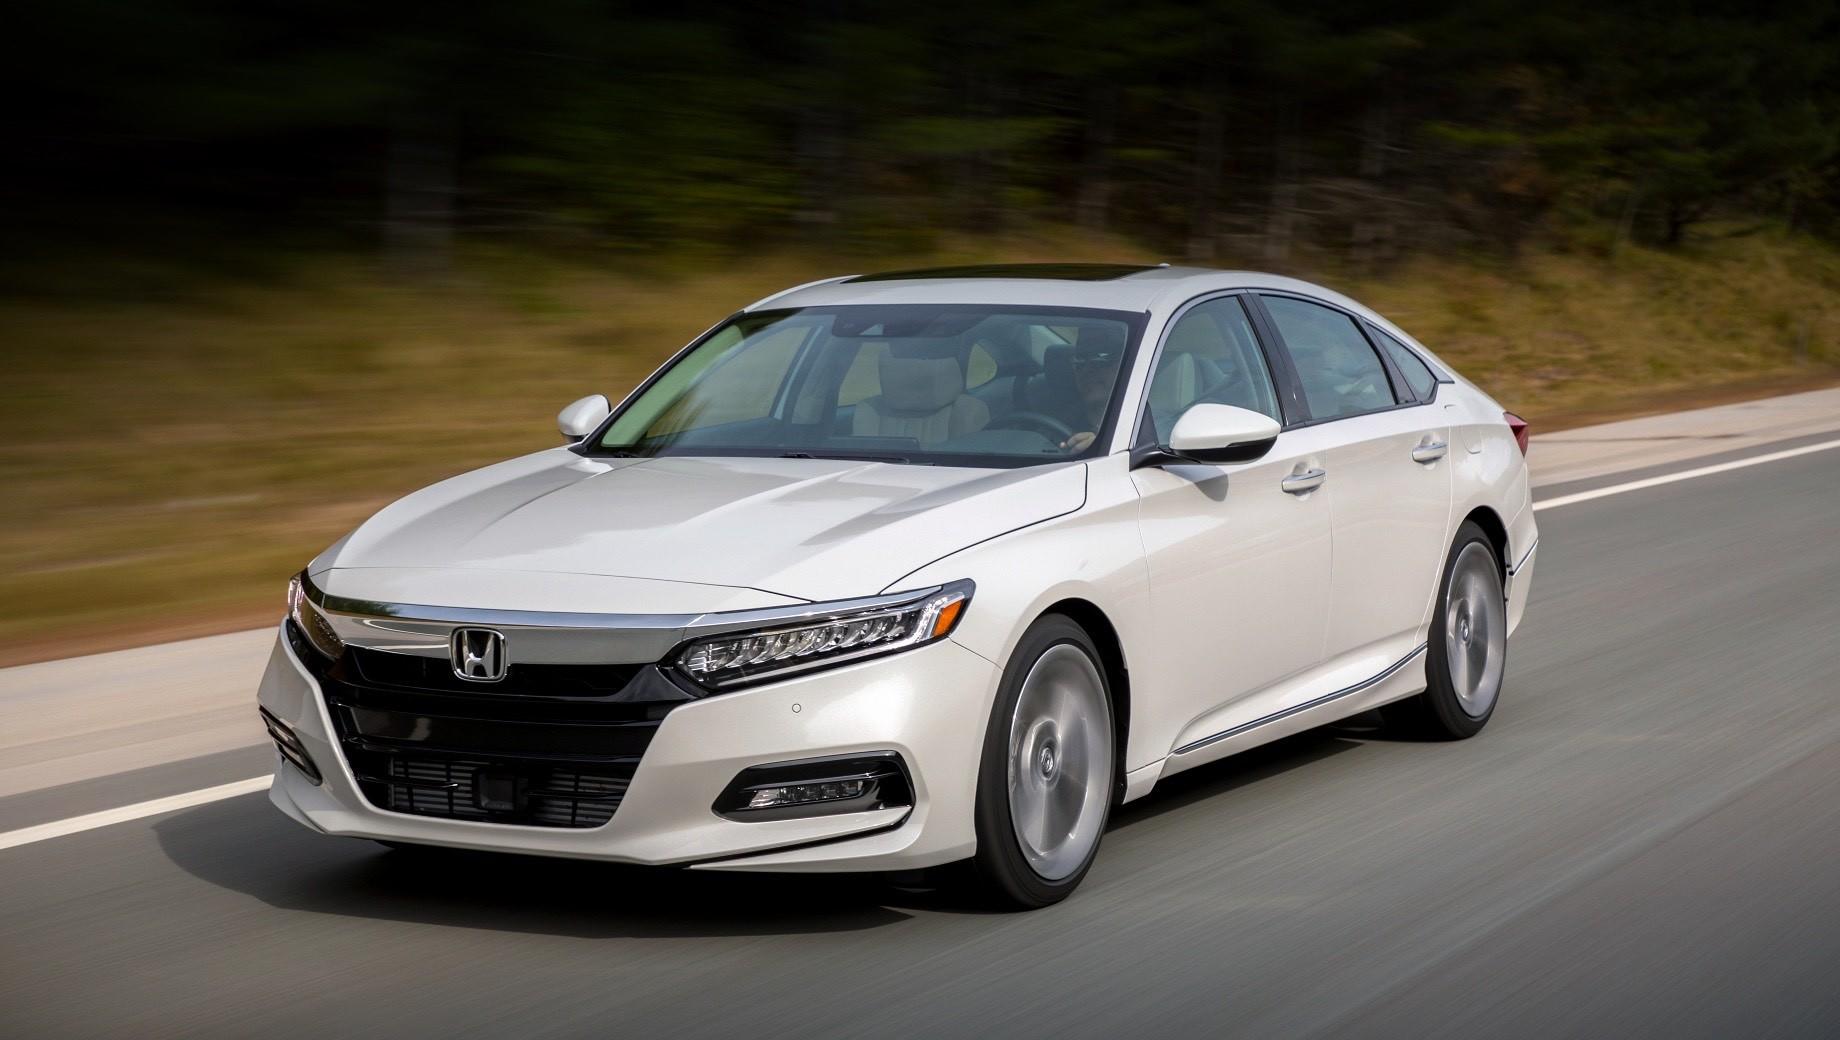 Honda accord,Honda civic,Honda fit,Honda cr-v,Honda insight,Acura ilx. Для Соединённых Штатов Honda Accord — не просто очередной успешный автомобиль, но самая популярная Honda в этой стране. С 1976-й по 2019 год американцы купили 13,8 млн Аккордов, из которых 11,6 млн были сделаны на заводе в штате Огайо.